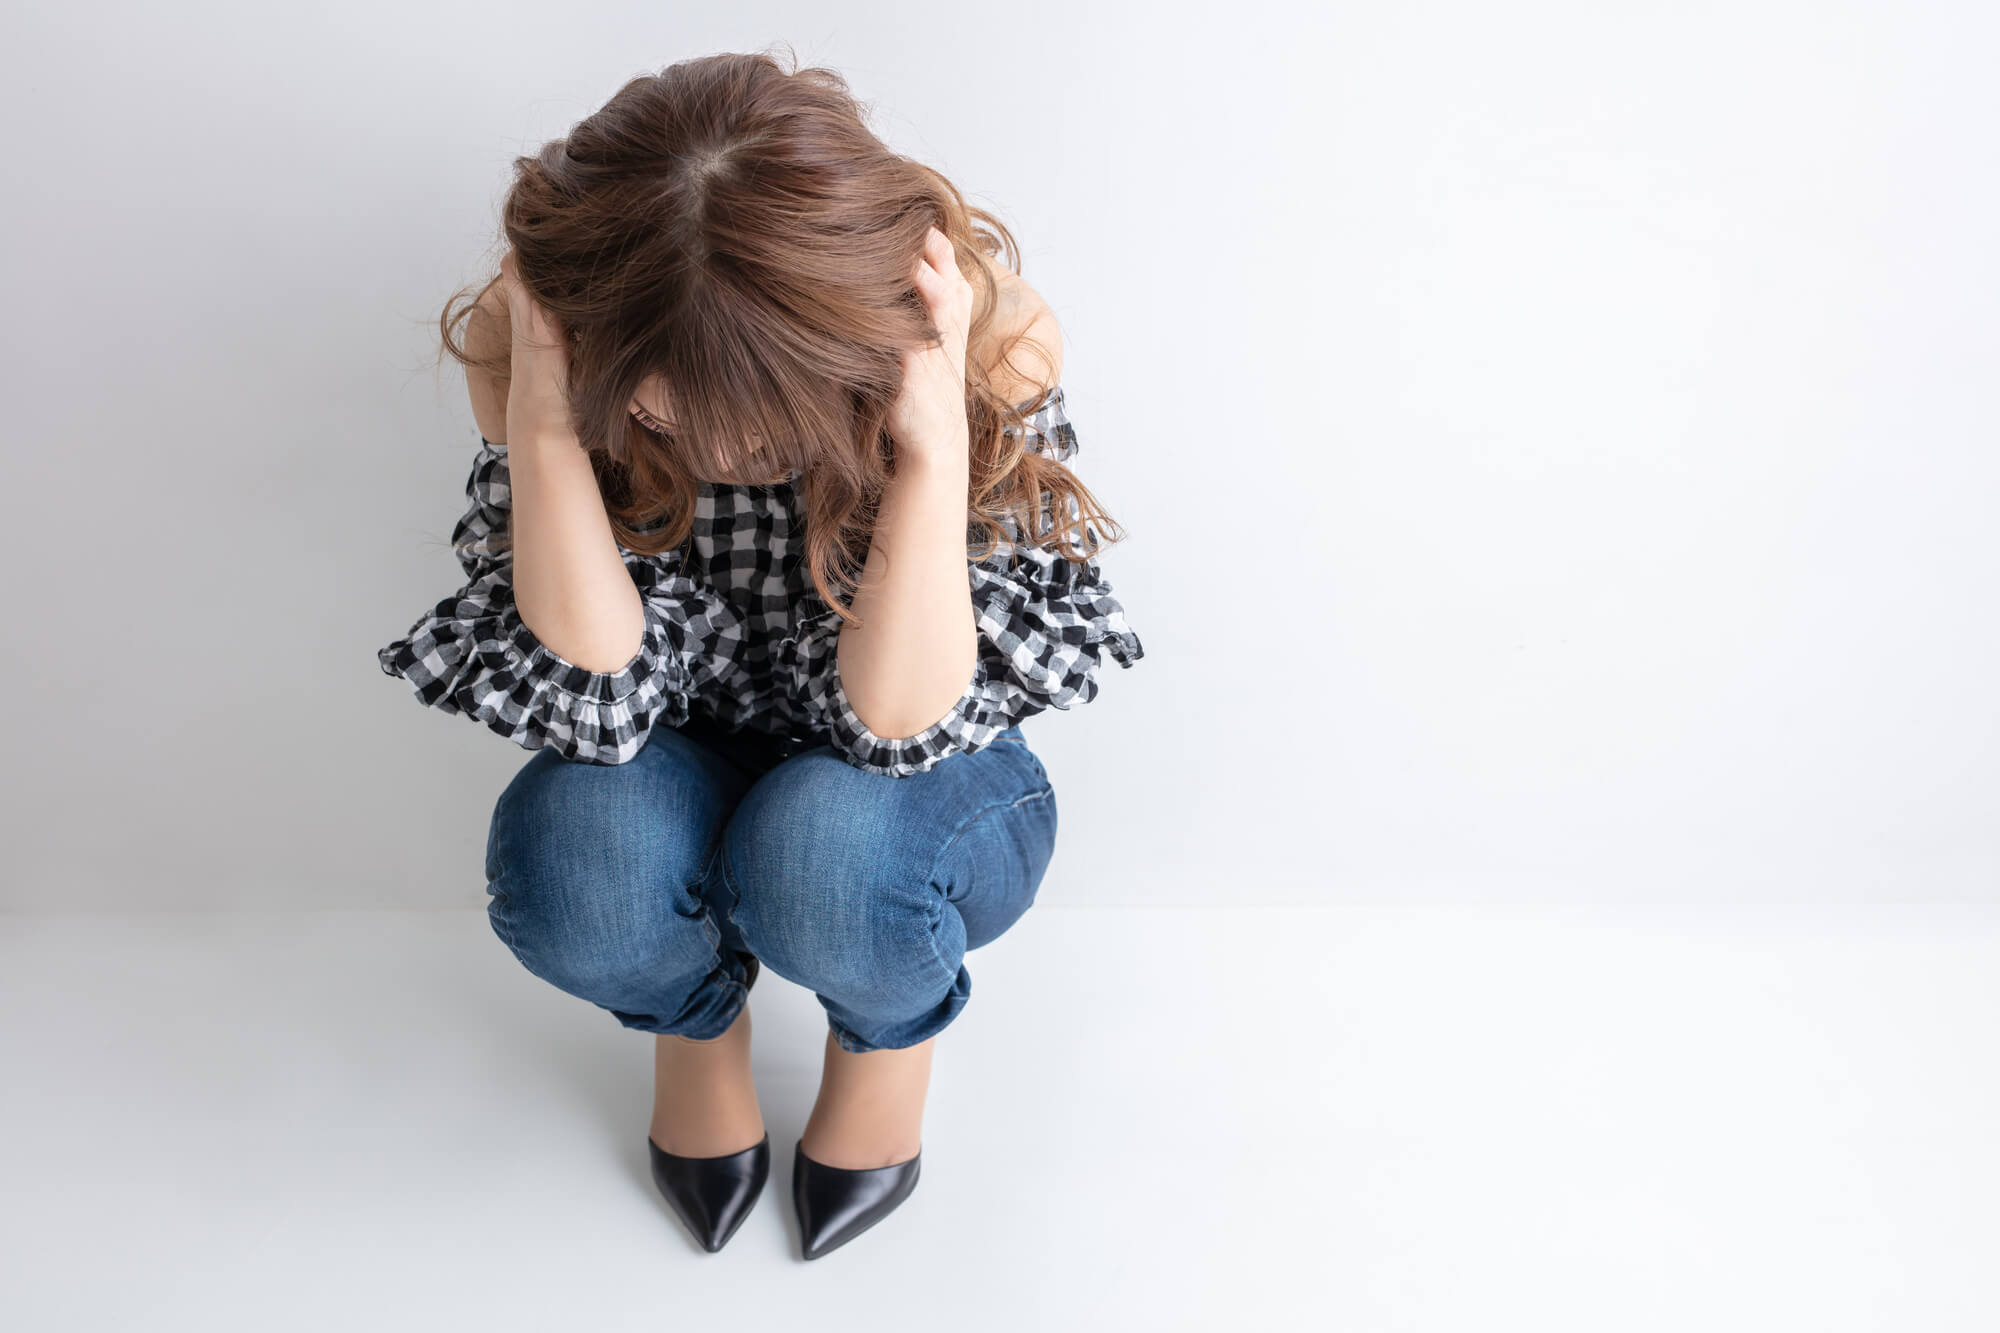 店での人間関係、お客さん絡み、彼氏との問題…… 「キャバ嬢あるある!?」トラブルを回避する方法